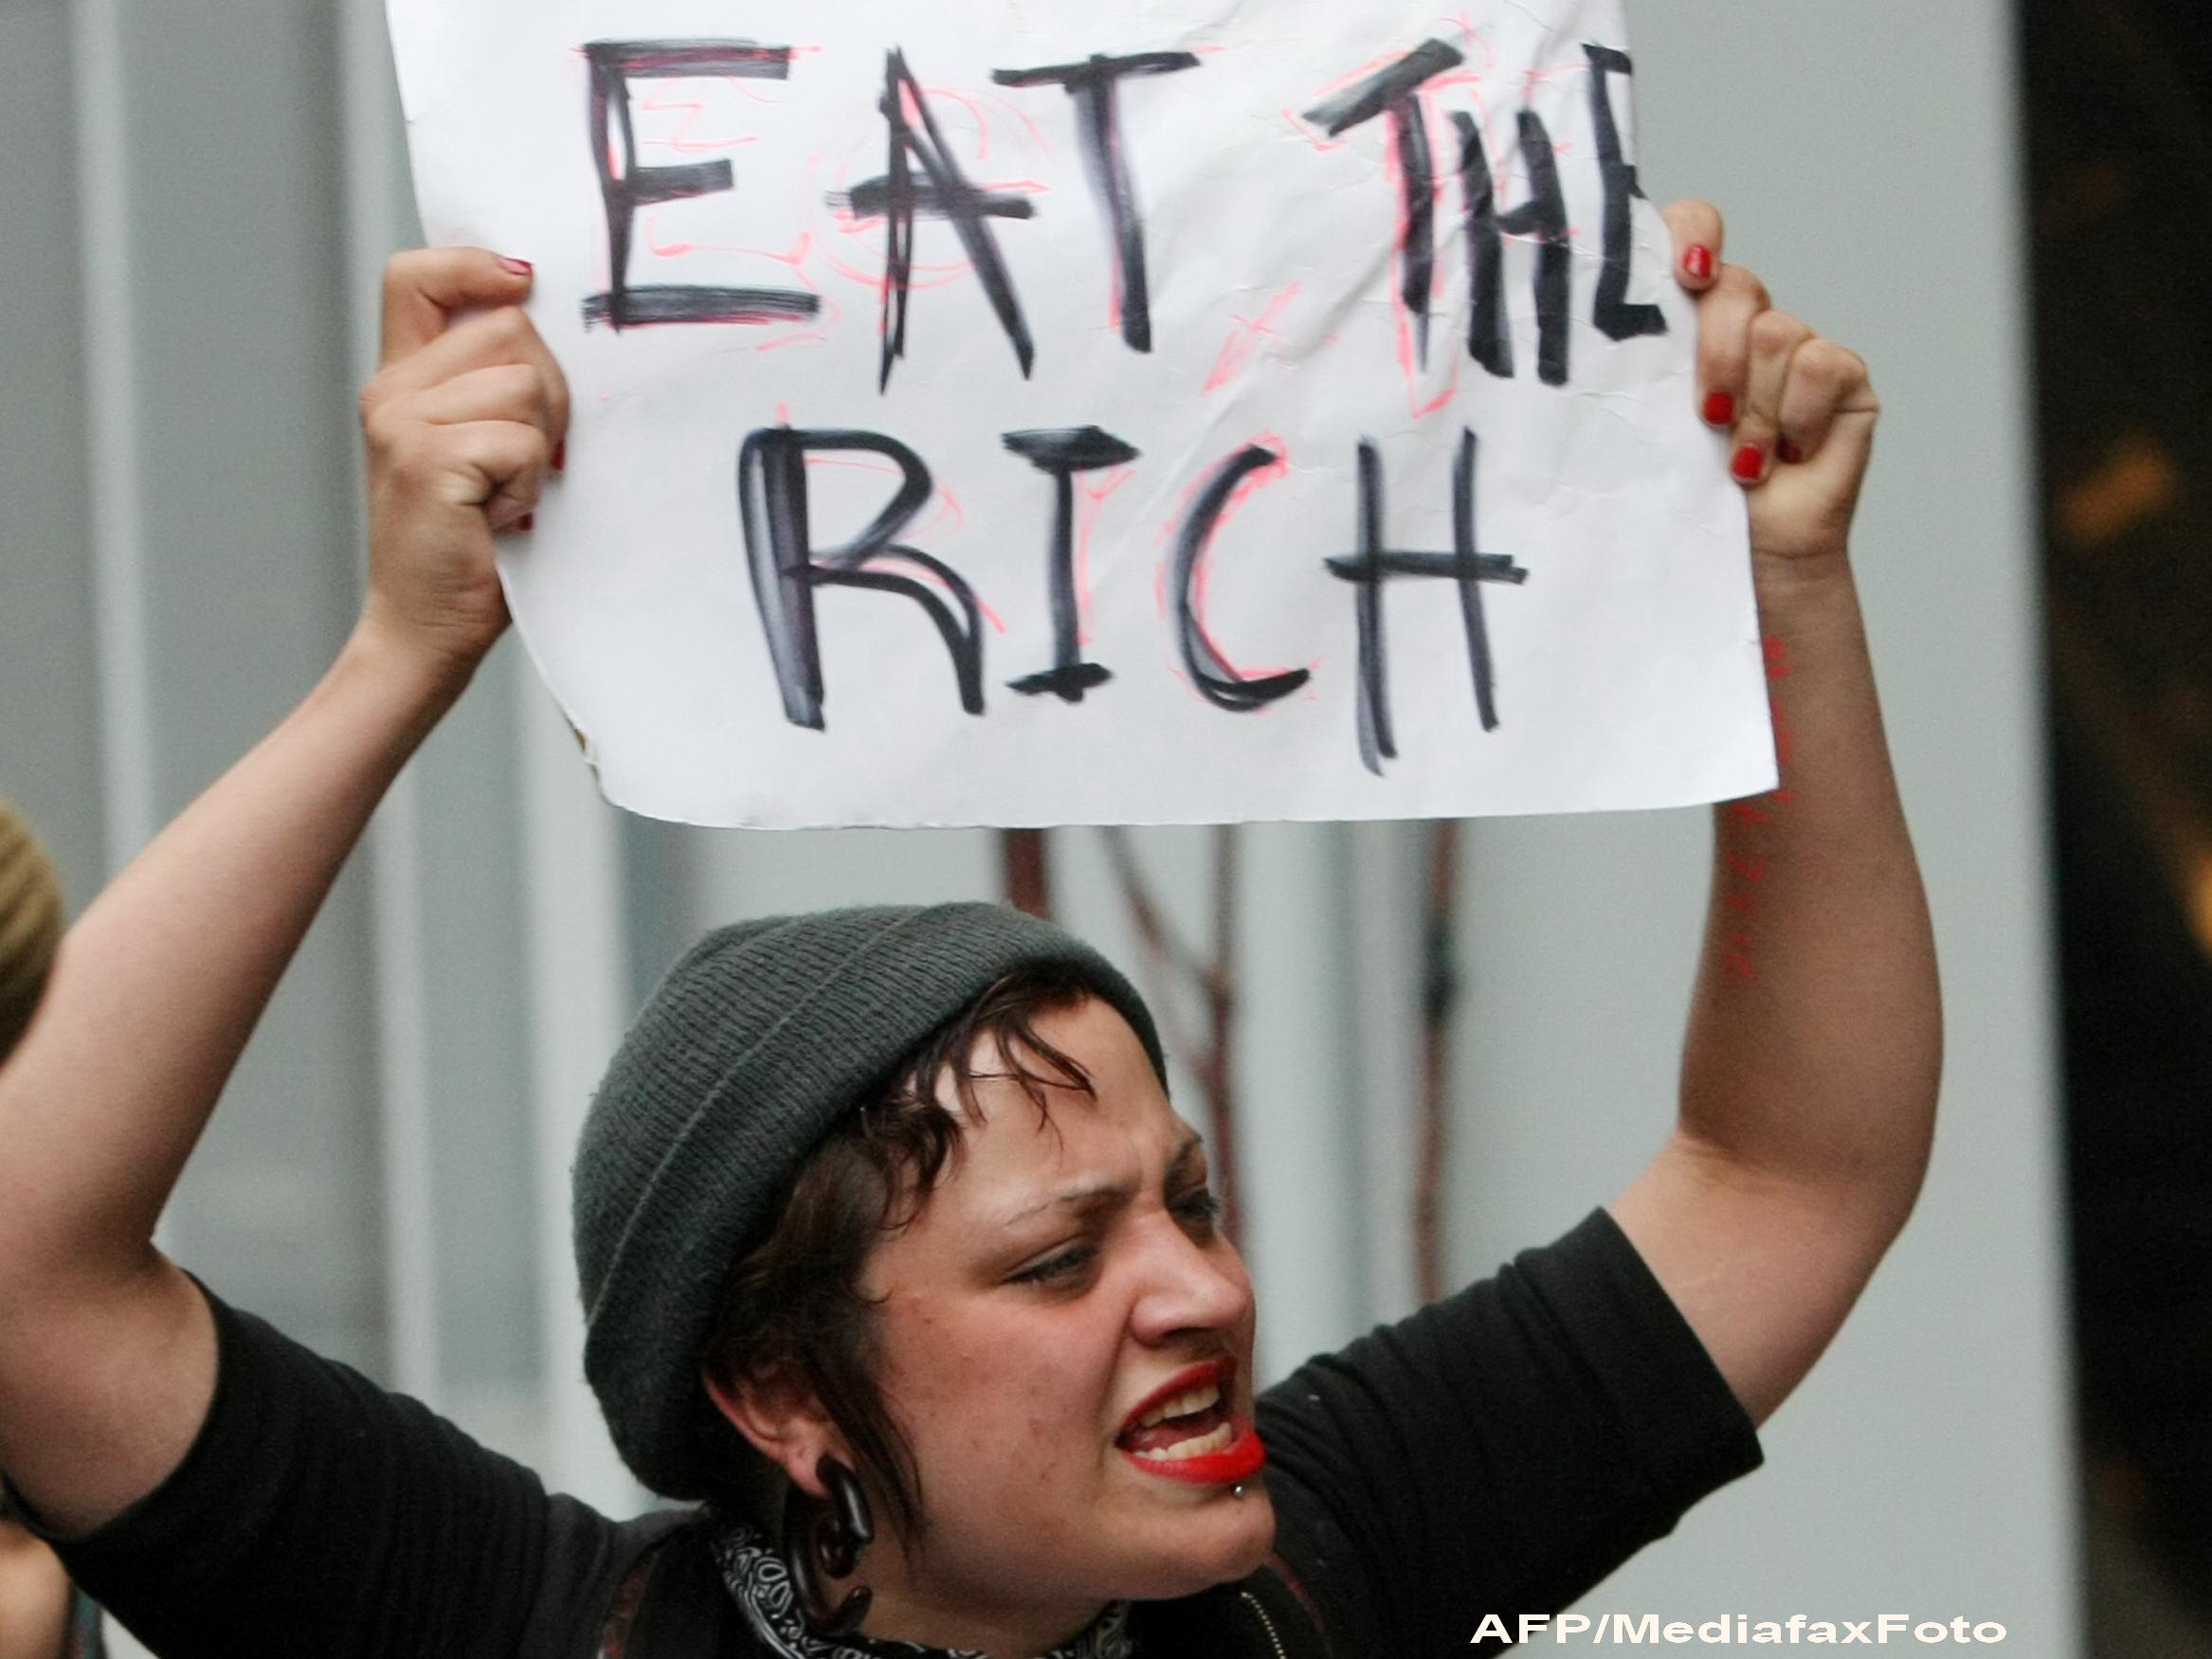 Transparency International: Criza din zona euro este alimentata de CORUPTIE. Care sunt tarile vizate